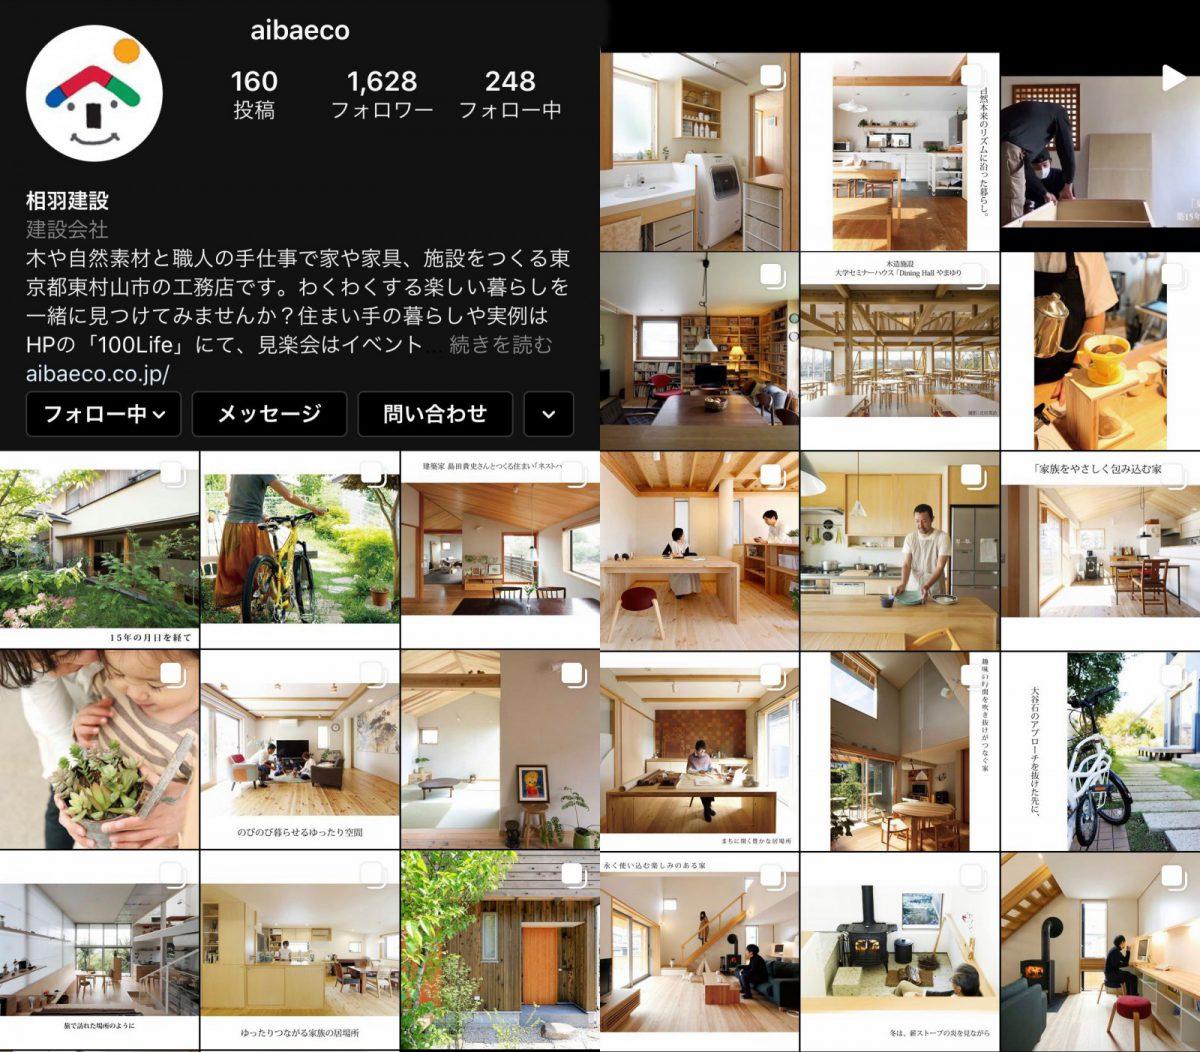 インスタでは「100Life」の写真も公開中!フォローしてぜひ家づくりの参考にして下さい。